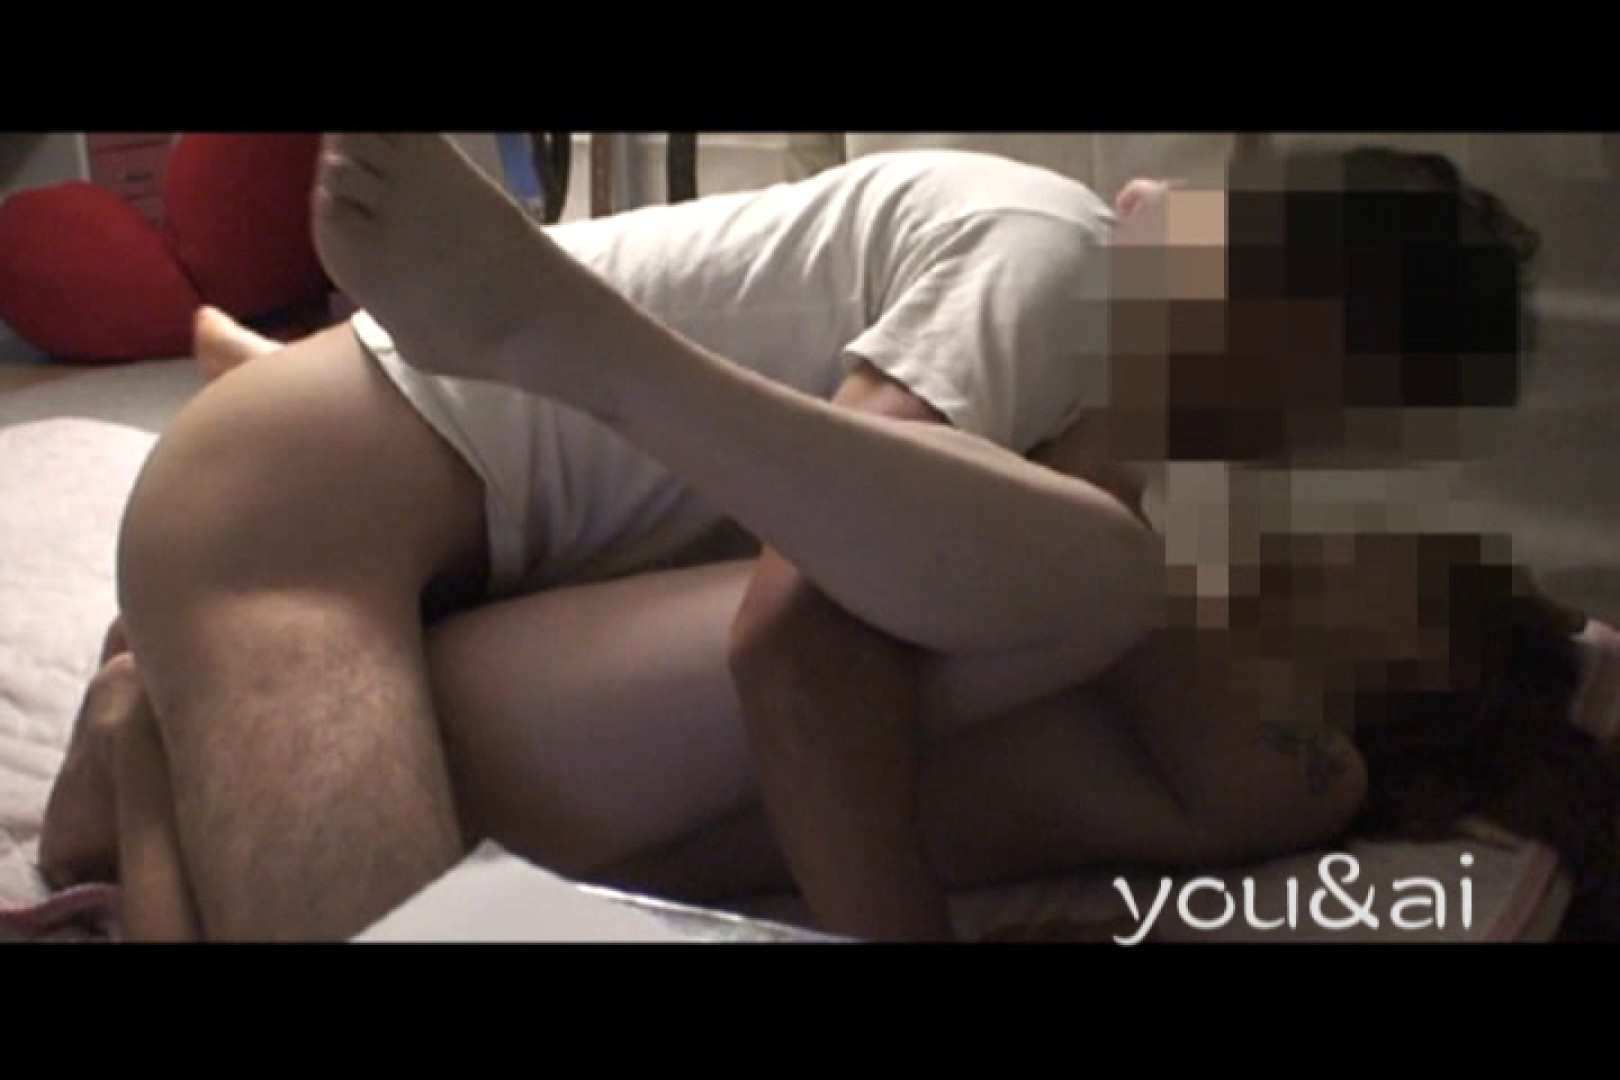 おしどり夫婦のyou&aiさん投稿作品vol.18 投稿   バイブ  22連発 18